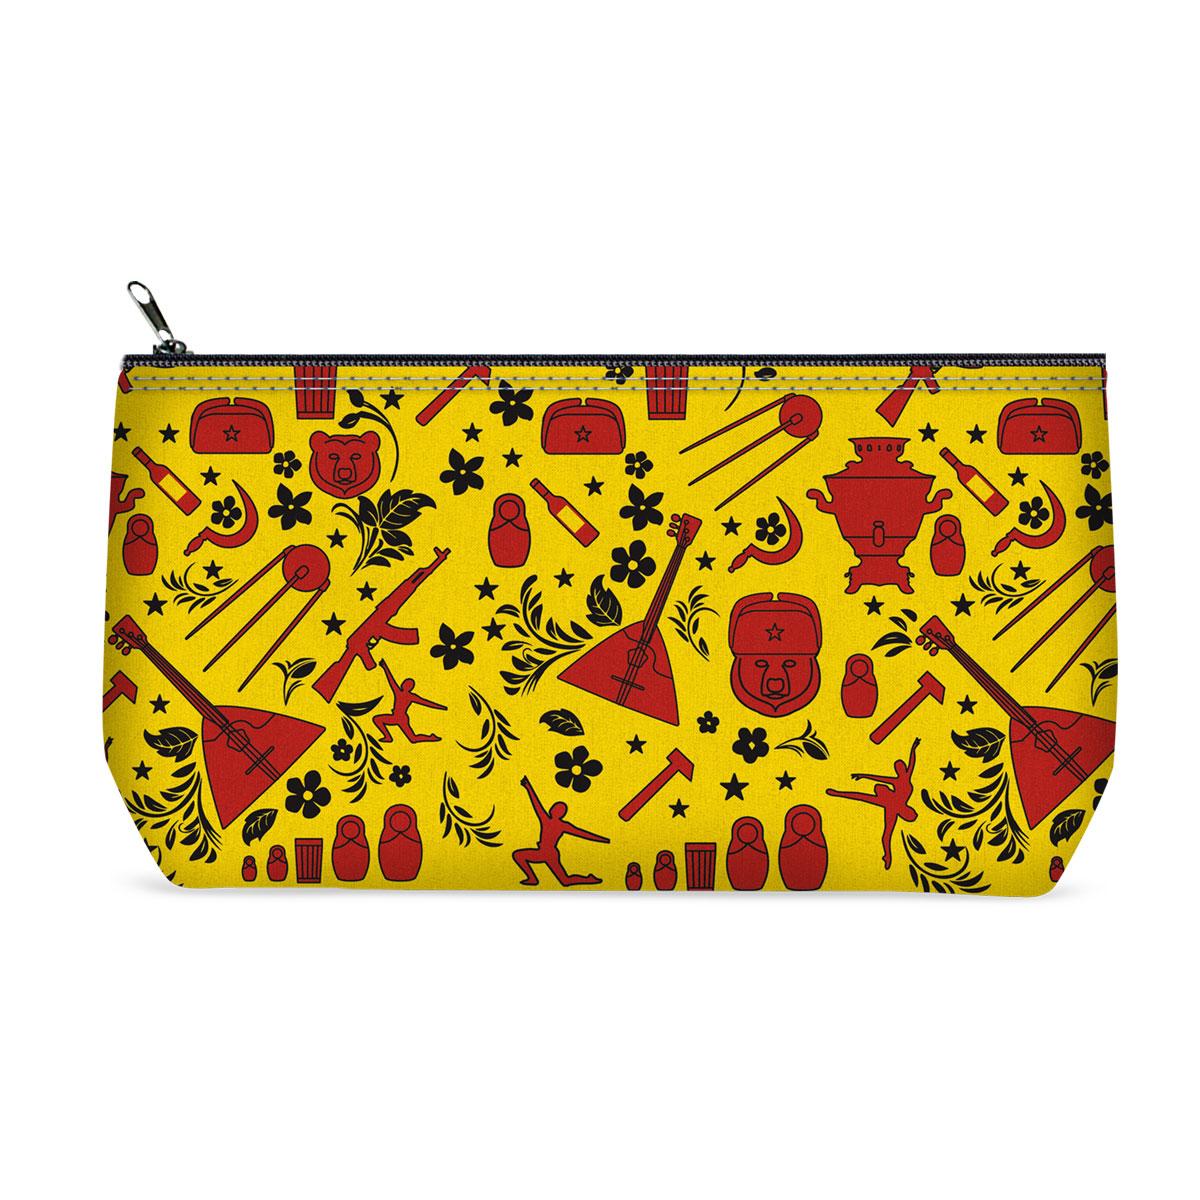 Косметичка ОРЗ-дизайн Russsian, цвет: желтый, черный, красный. Орз-0372Орз-0372Косметичка Russsian - оригинальный и стильный аксессуар, который придется по душе истинным модникам и поклонникам интересного и необычного дизайна. Качественная сумочка выполнена из прочного текстиля, который надежно защитит ваши вещи от пыли и влаги, и оформлена оригинальным принтом с российской атрибутикой. Рисунок нанесён специальным образом и защищён от стирания. Изделие идеально подходит для хранения косметики, таблеток, украшений, ключей, зарядных устройств, мобильного телефона или документов. Простая, но в то же время стильная косметичка определенно выделит своего обладателя из толпы и непременно поднимет настроение. А яркий современный дизайн, который является основной фишкой данной модели, будет радовать глаз.